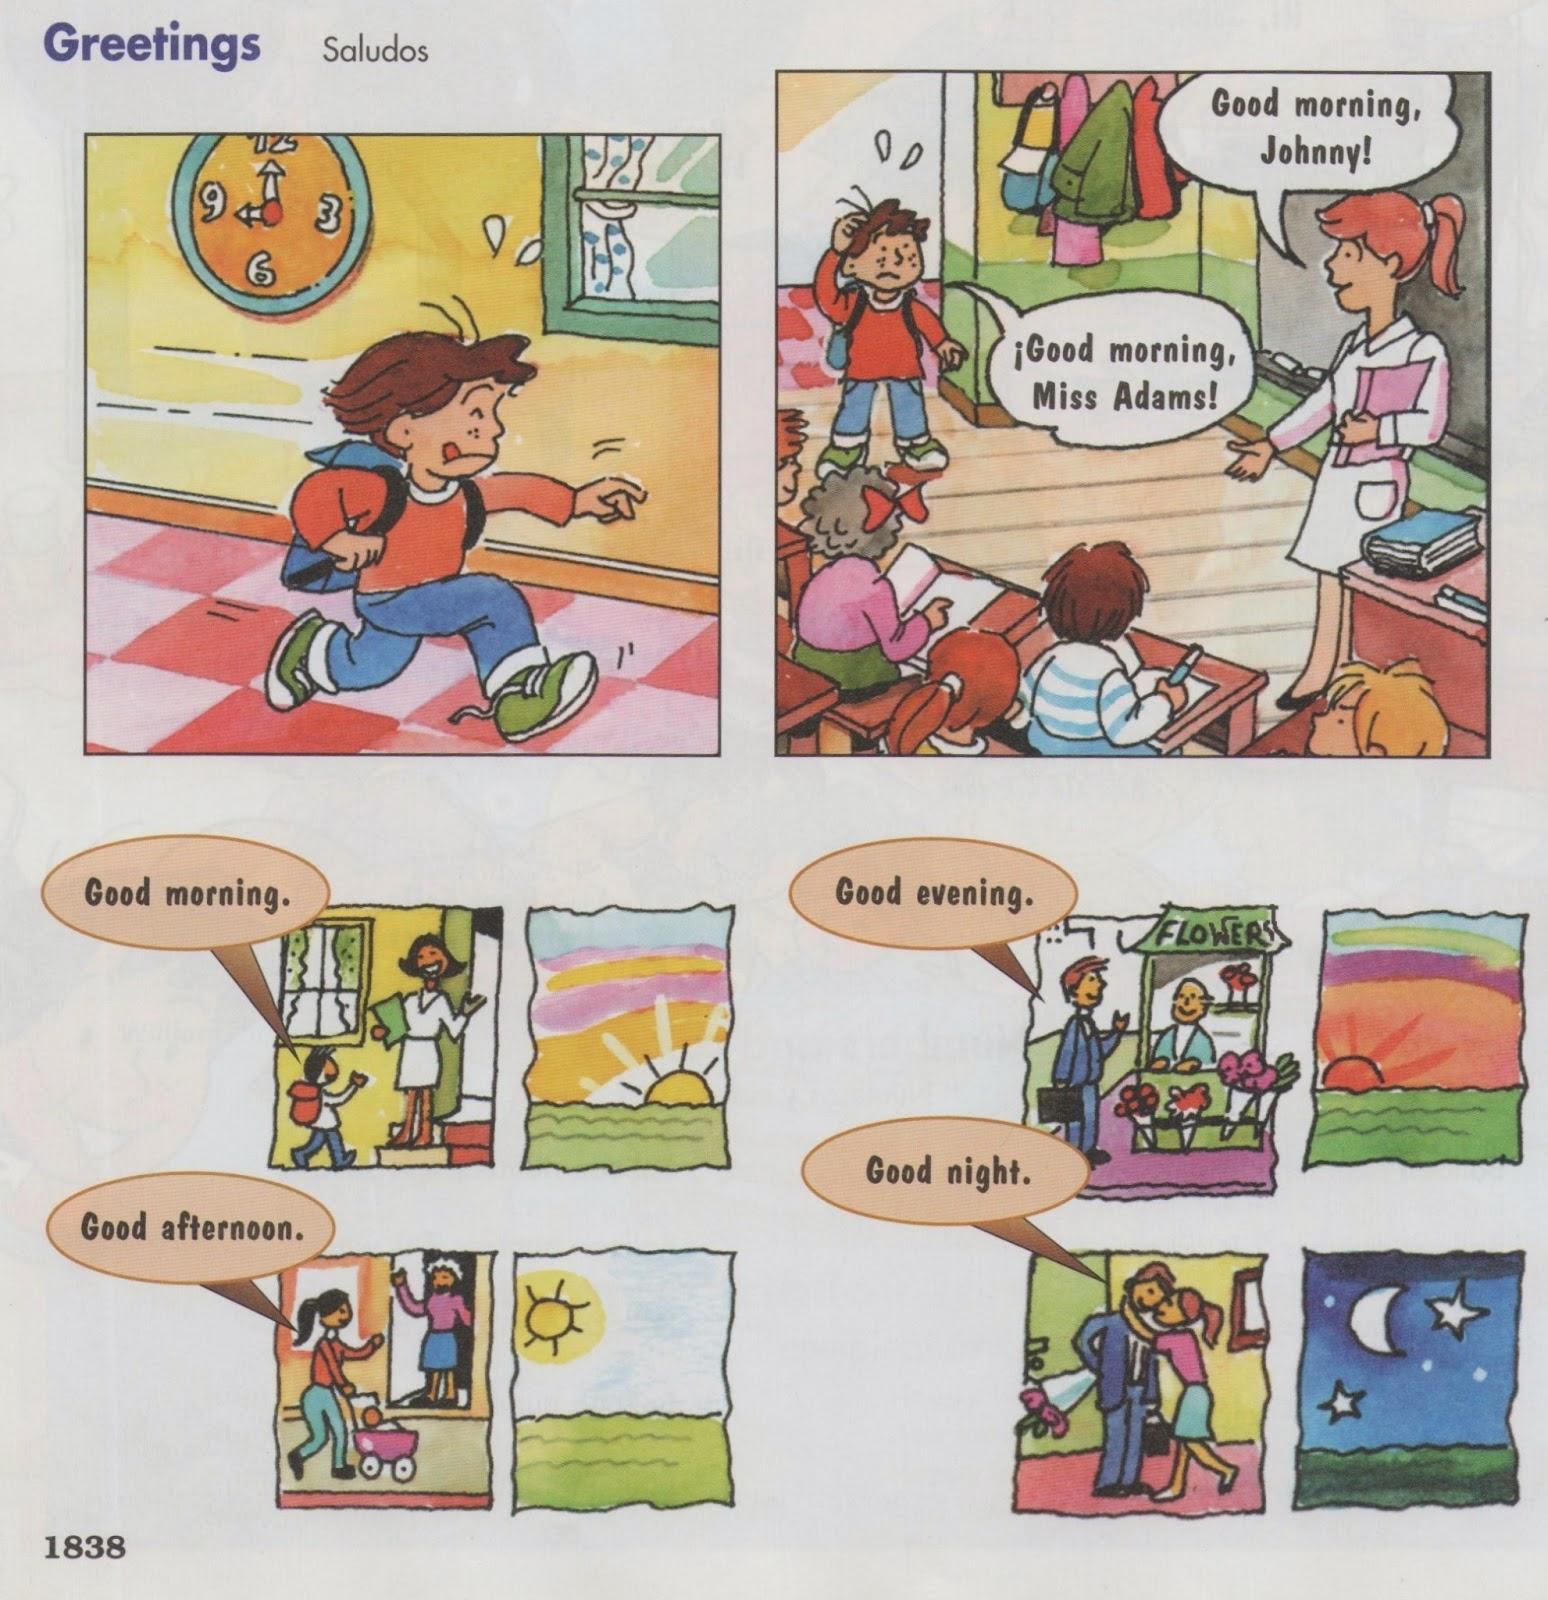 Imagenes De Saludos Y Despedidas En Ingles Para Colorear